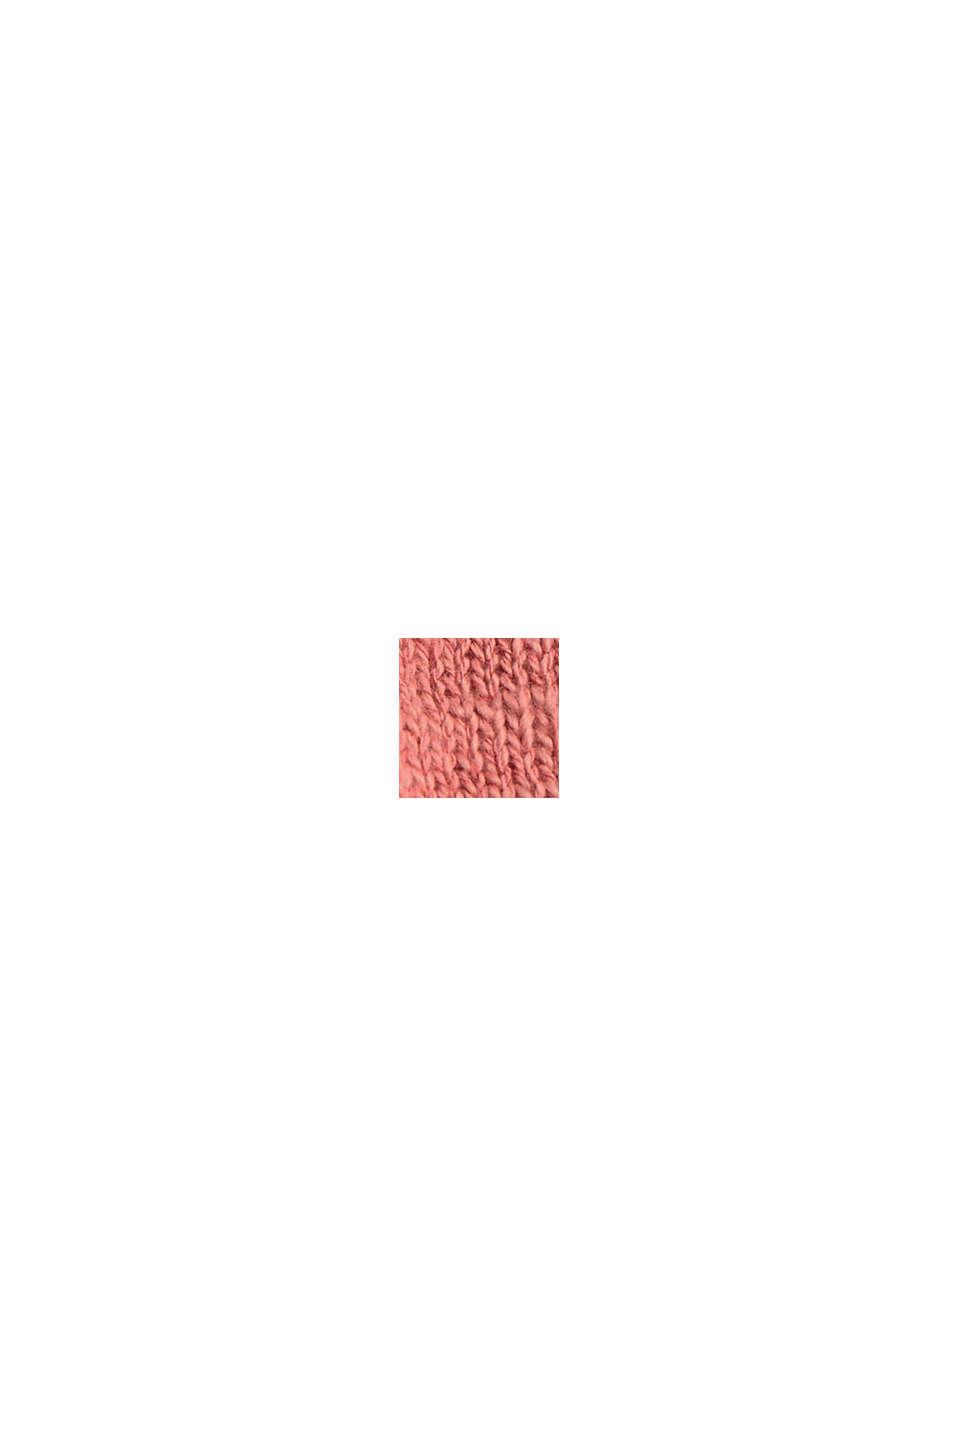 Luomupuuvillaa/pellavaa: palkkiraidallinen neulepusero, CORAL, swatch